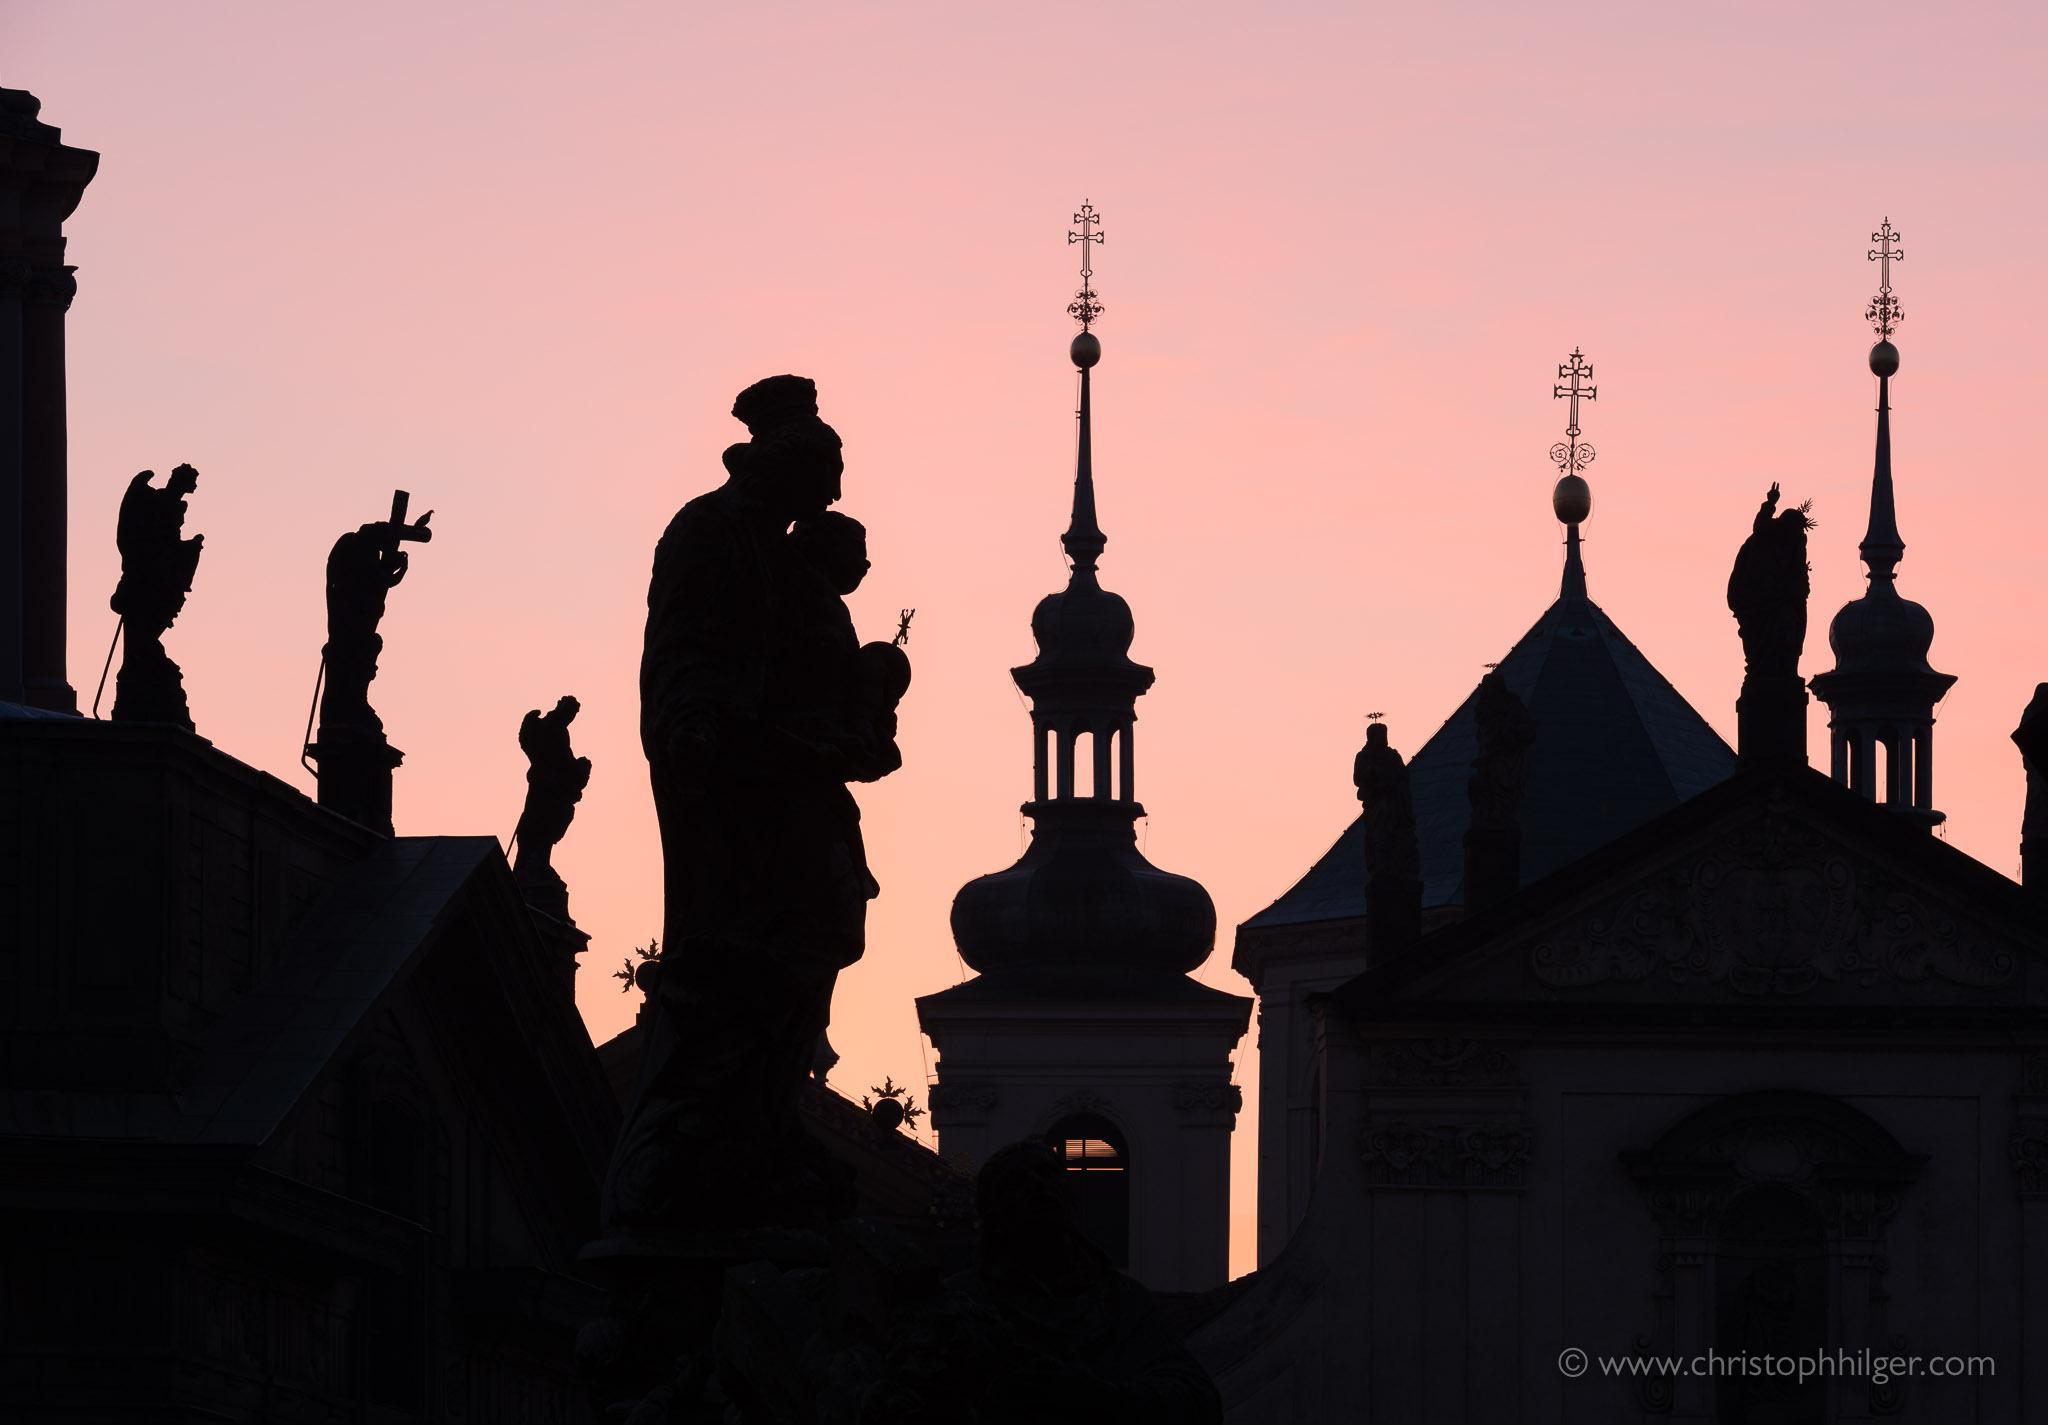 Silhouetten von Türmen und Figuren auf der Karlsbrücke in Prag, Tschechien